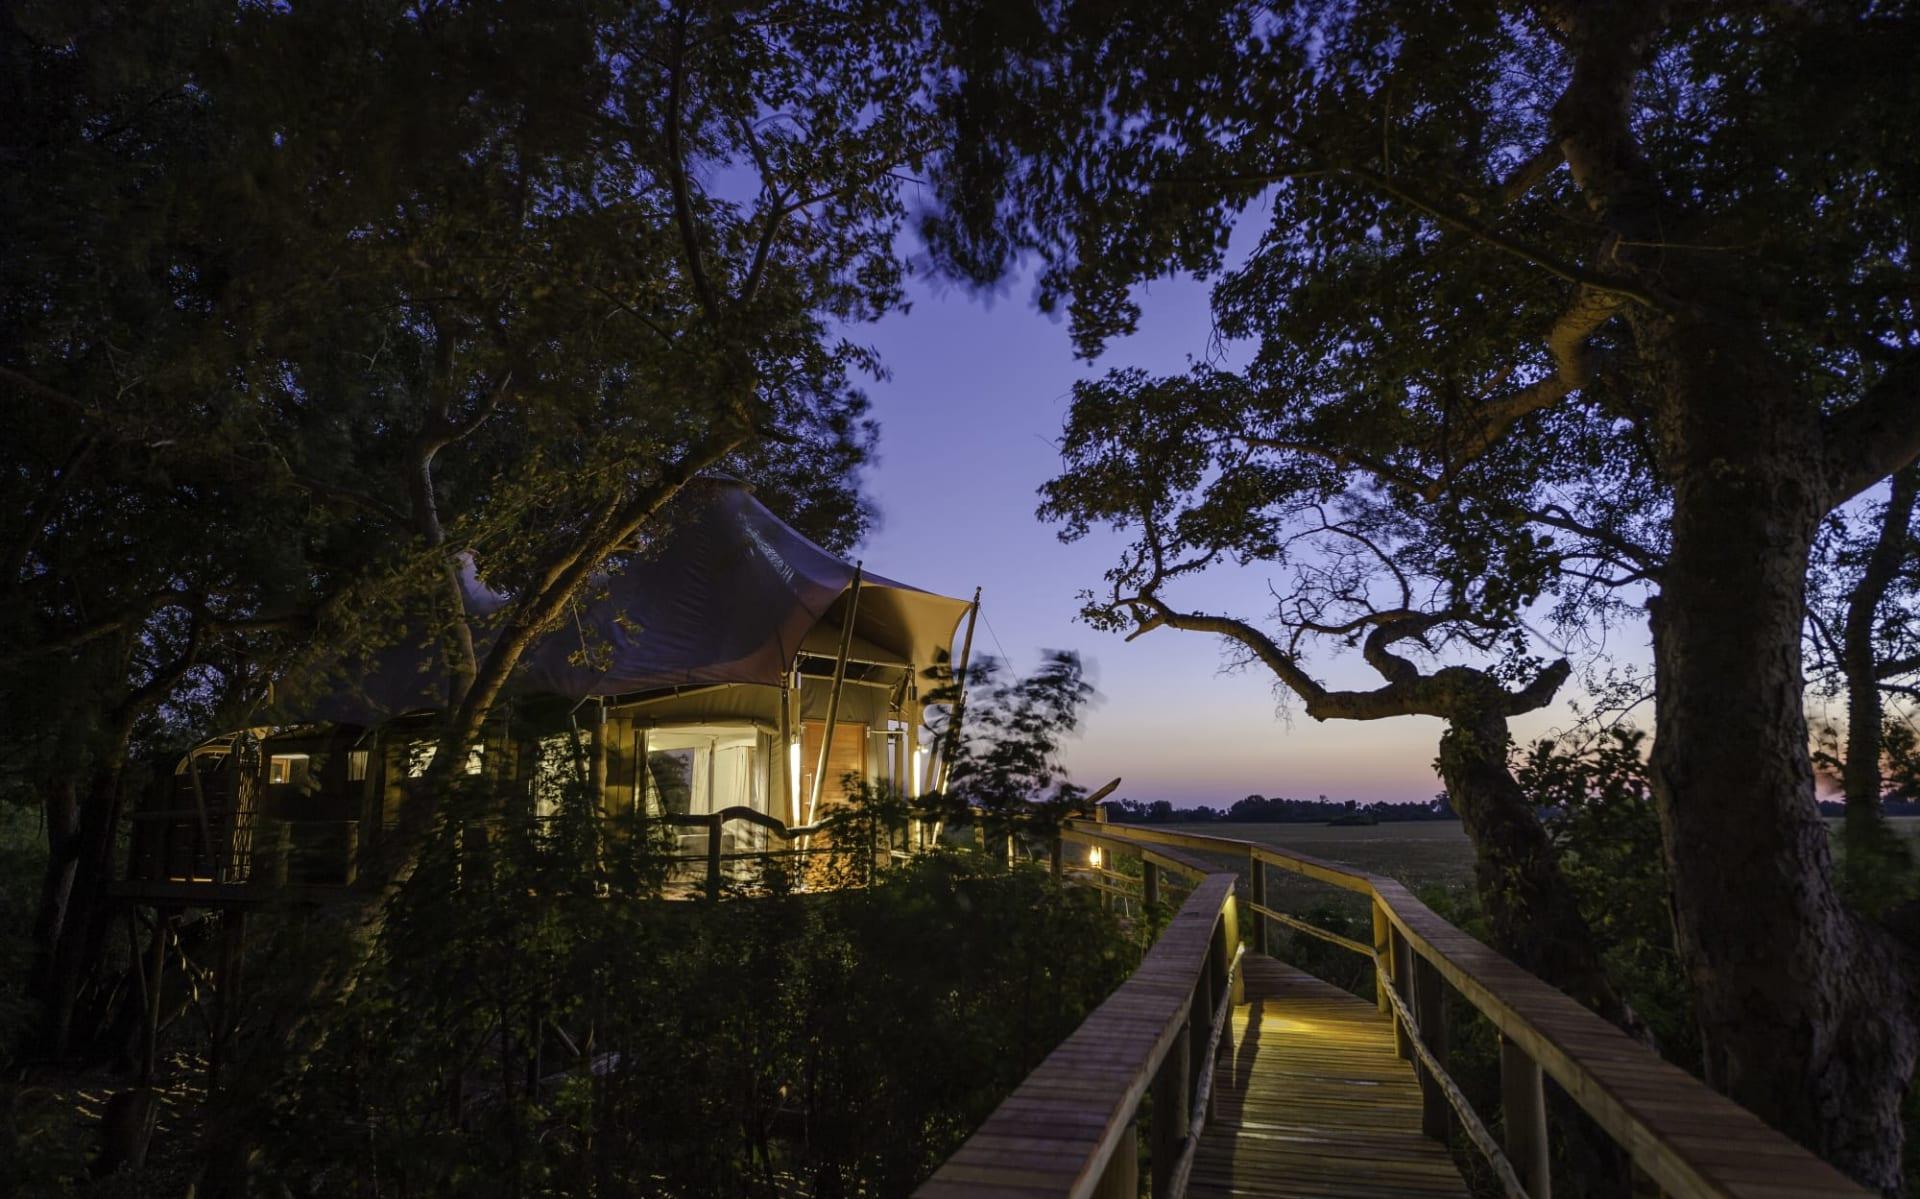 Kwetsani Camp in Okavango Delta:  Kwetsani Camp